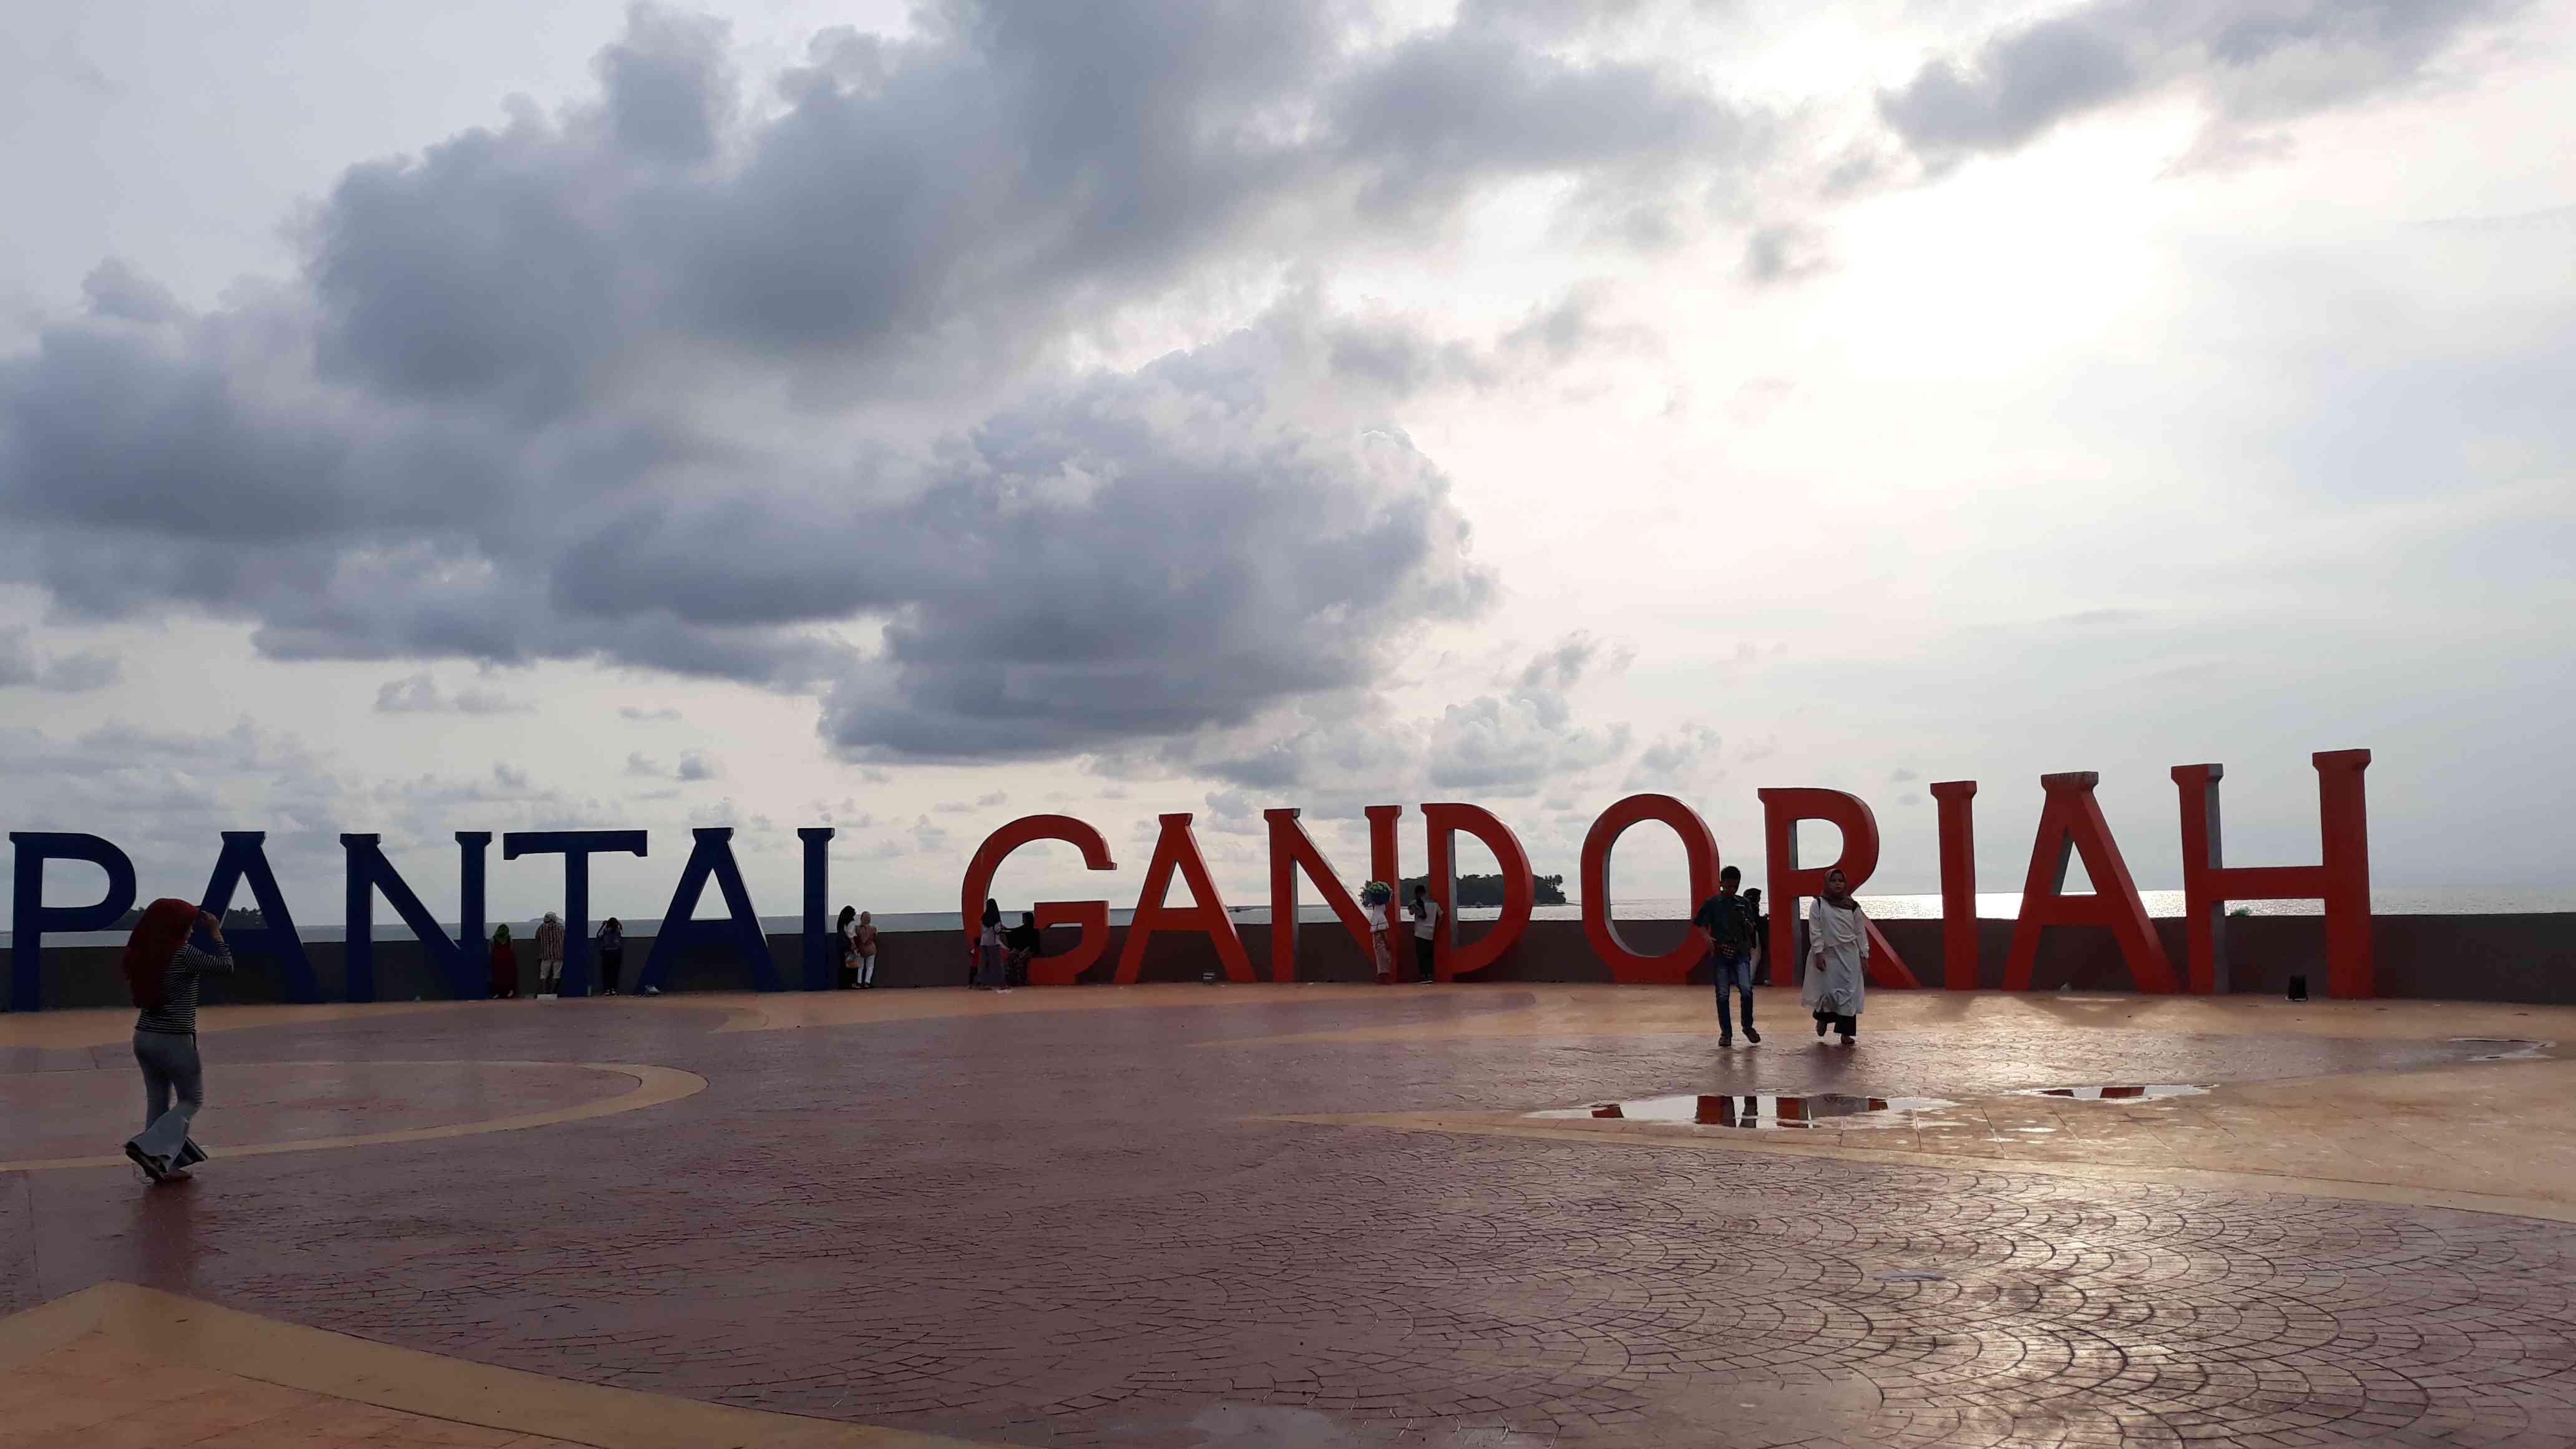 Gandoriah Beach, Pariaman